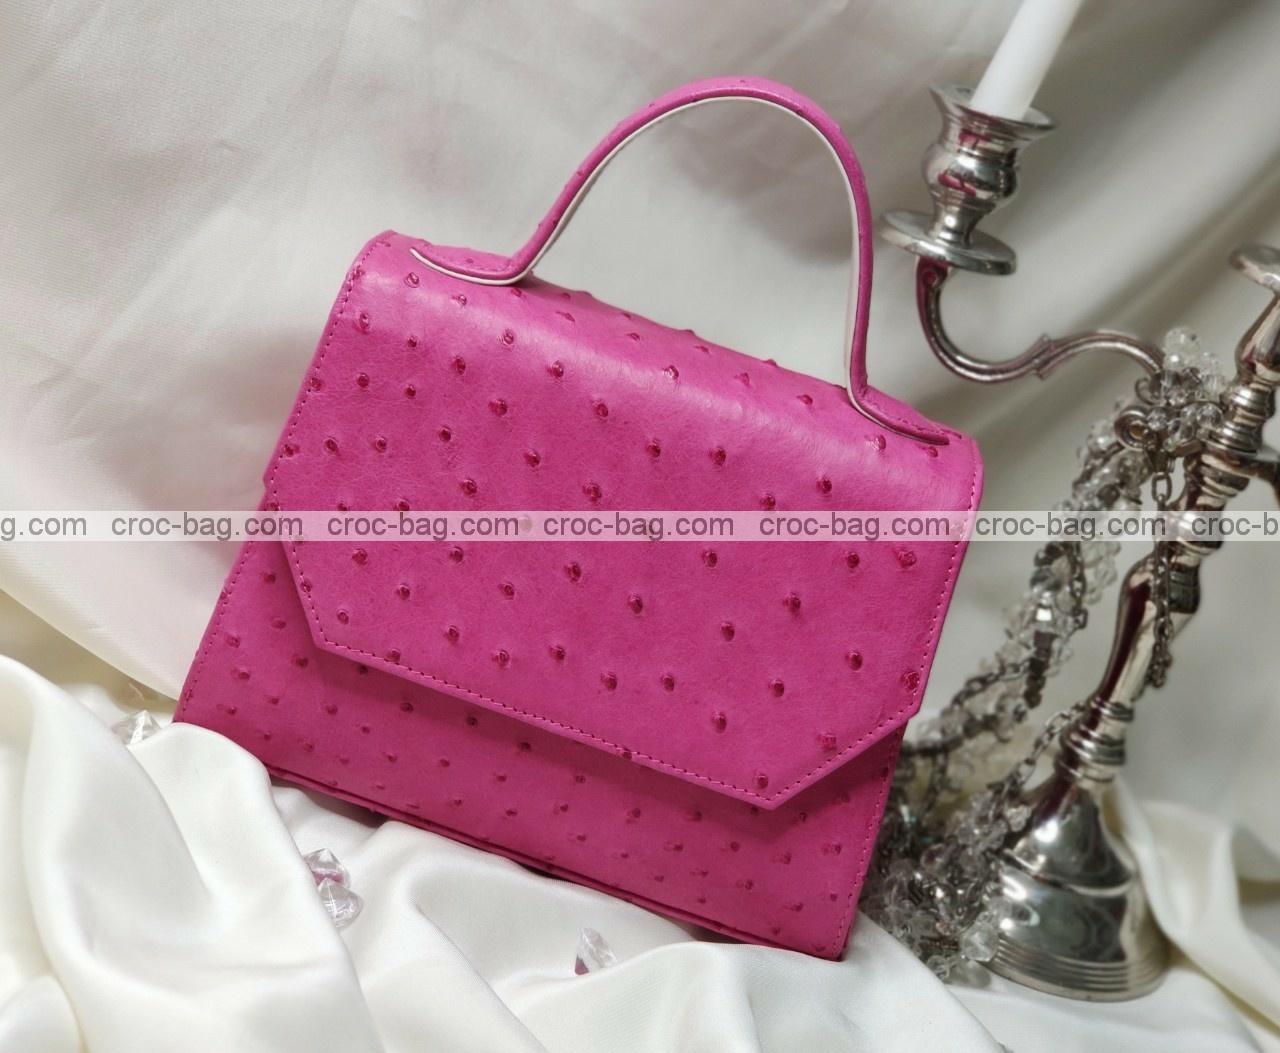 กระเป๋าหนังนกกระจอกเทศหรับผู้หญิง 5286